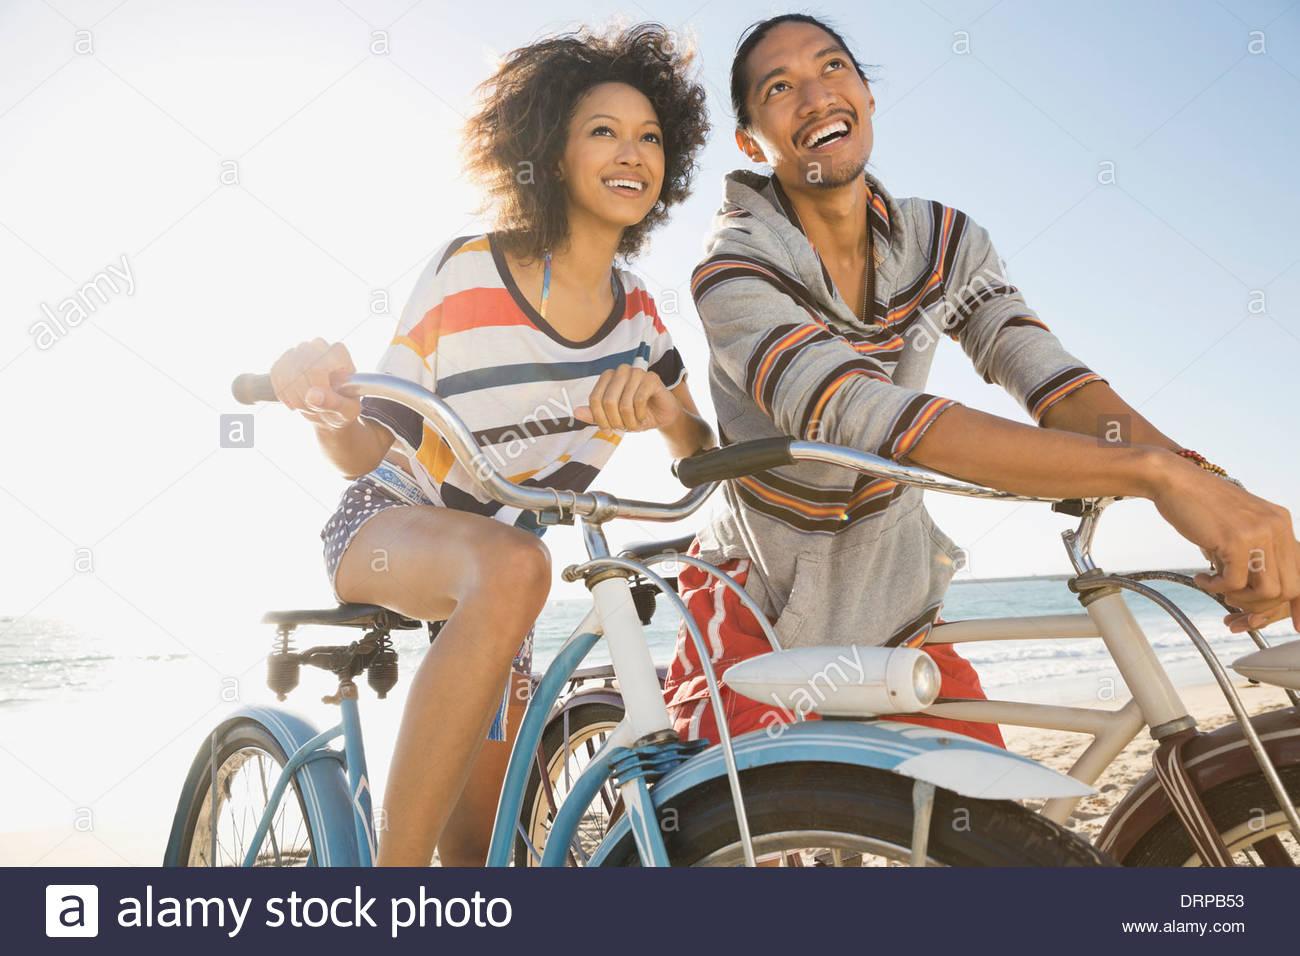 Pareja con bicicletas en la playa Imagen De Stock